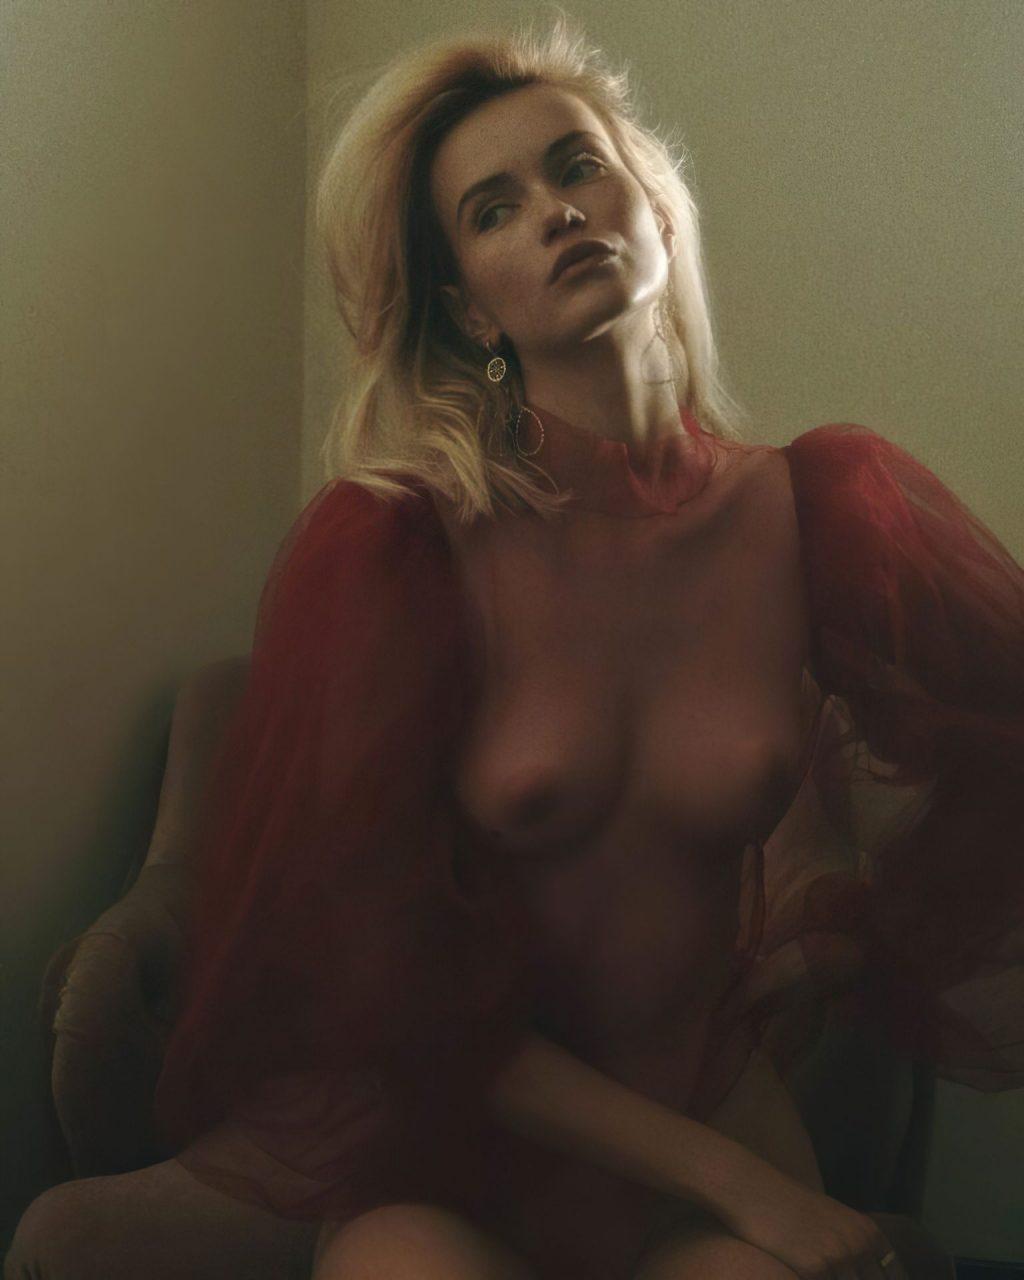 Hania Koczewska Nude (7 Photos)